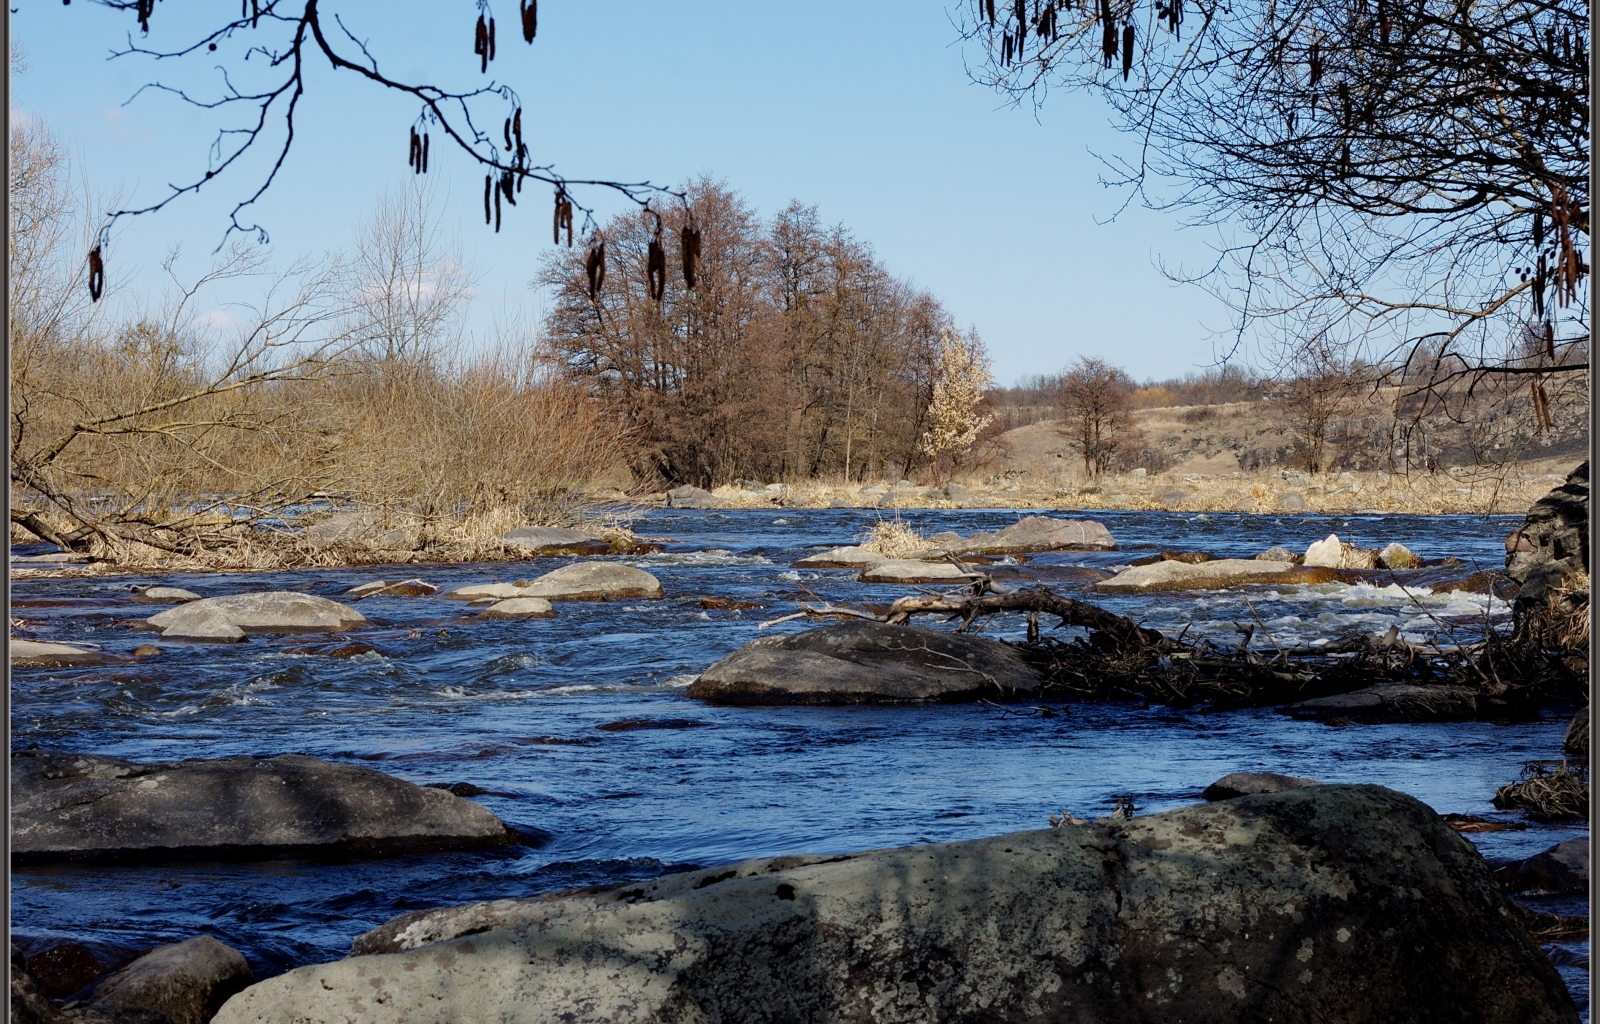 24405 скачать обои Пейзаж, Река, Камни - заставки и картинки бесплатно